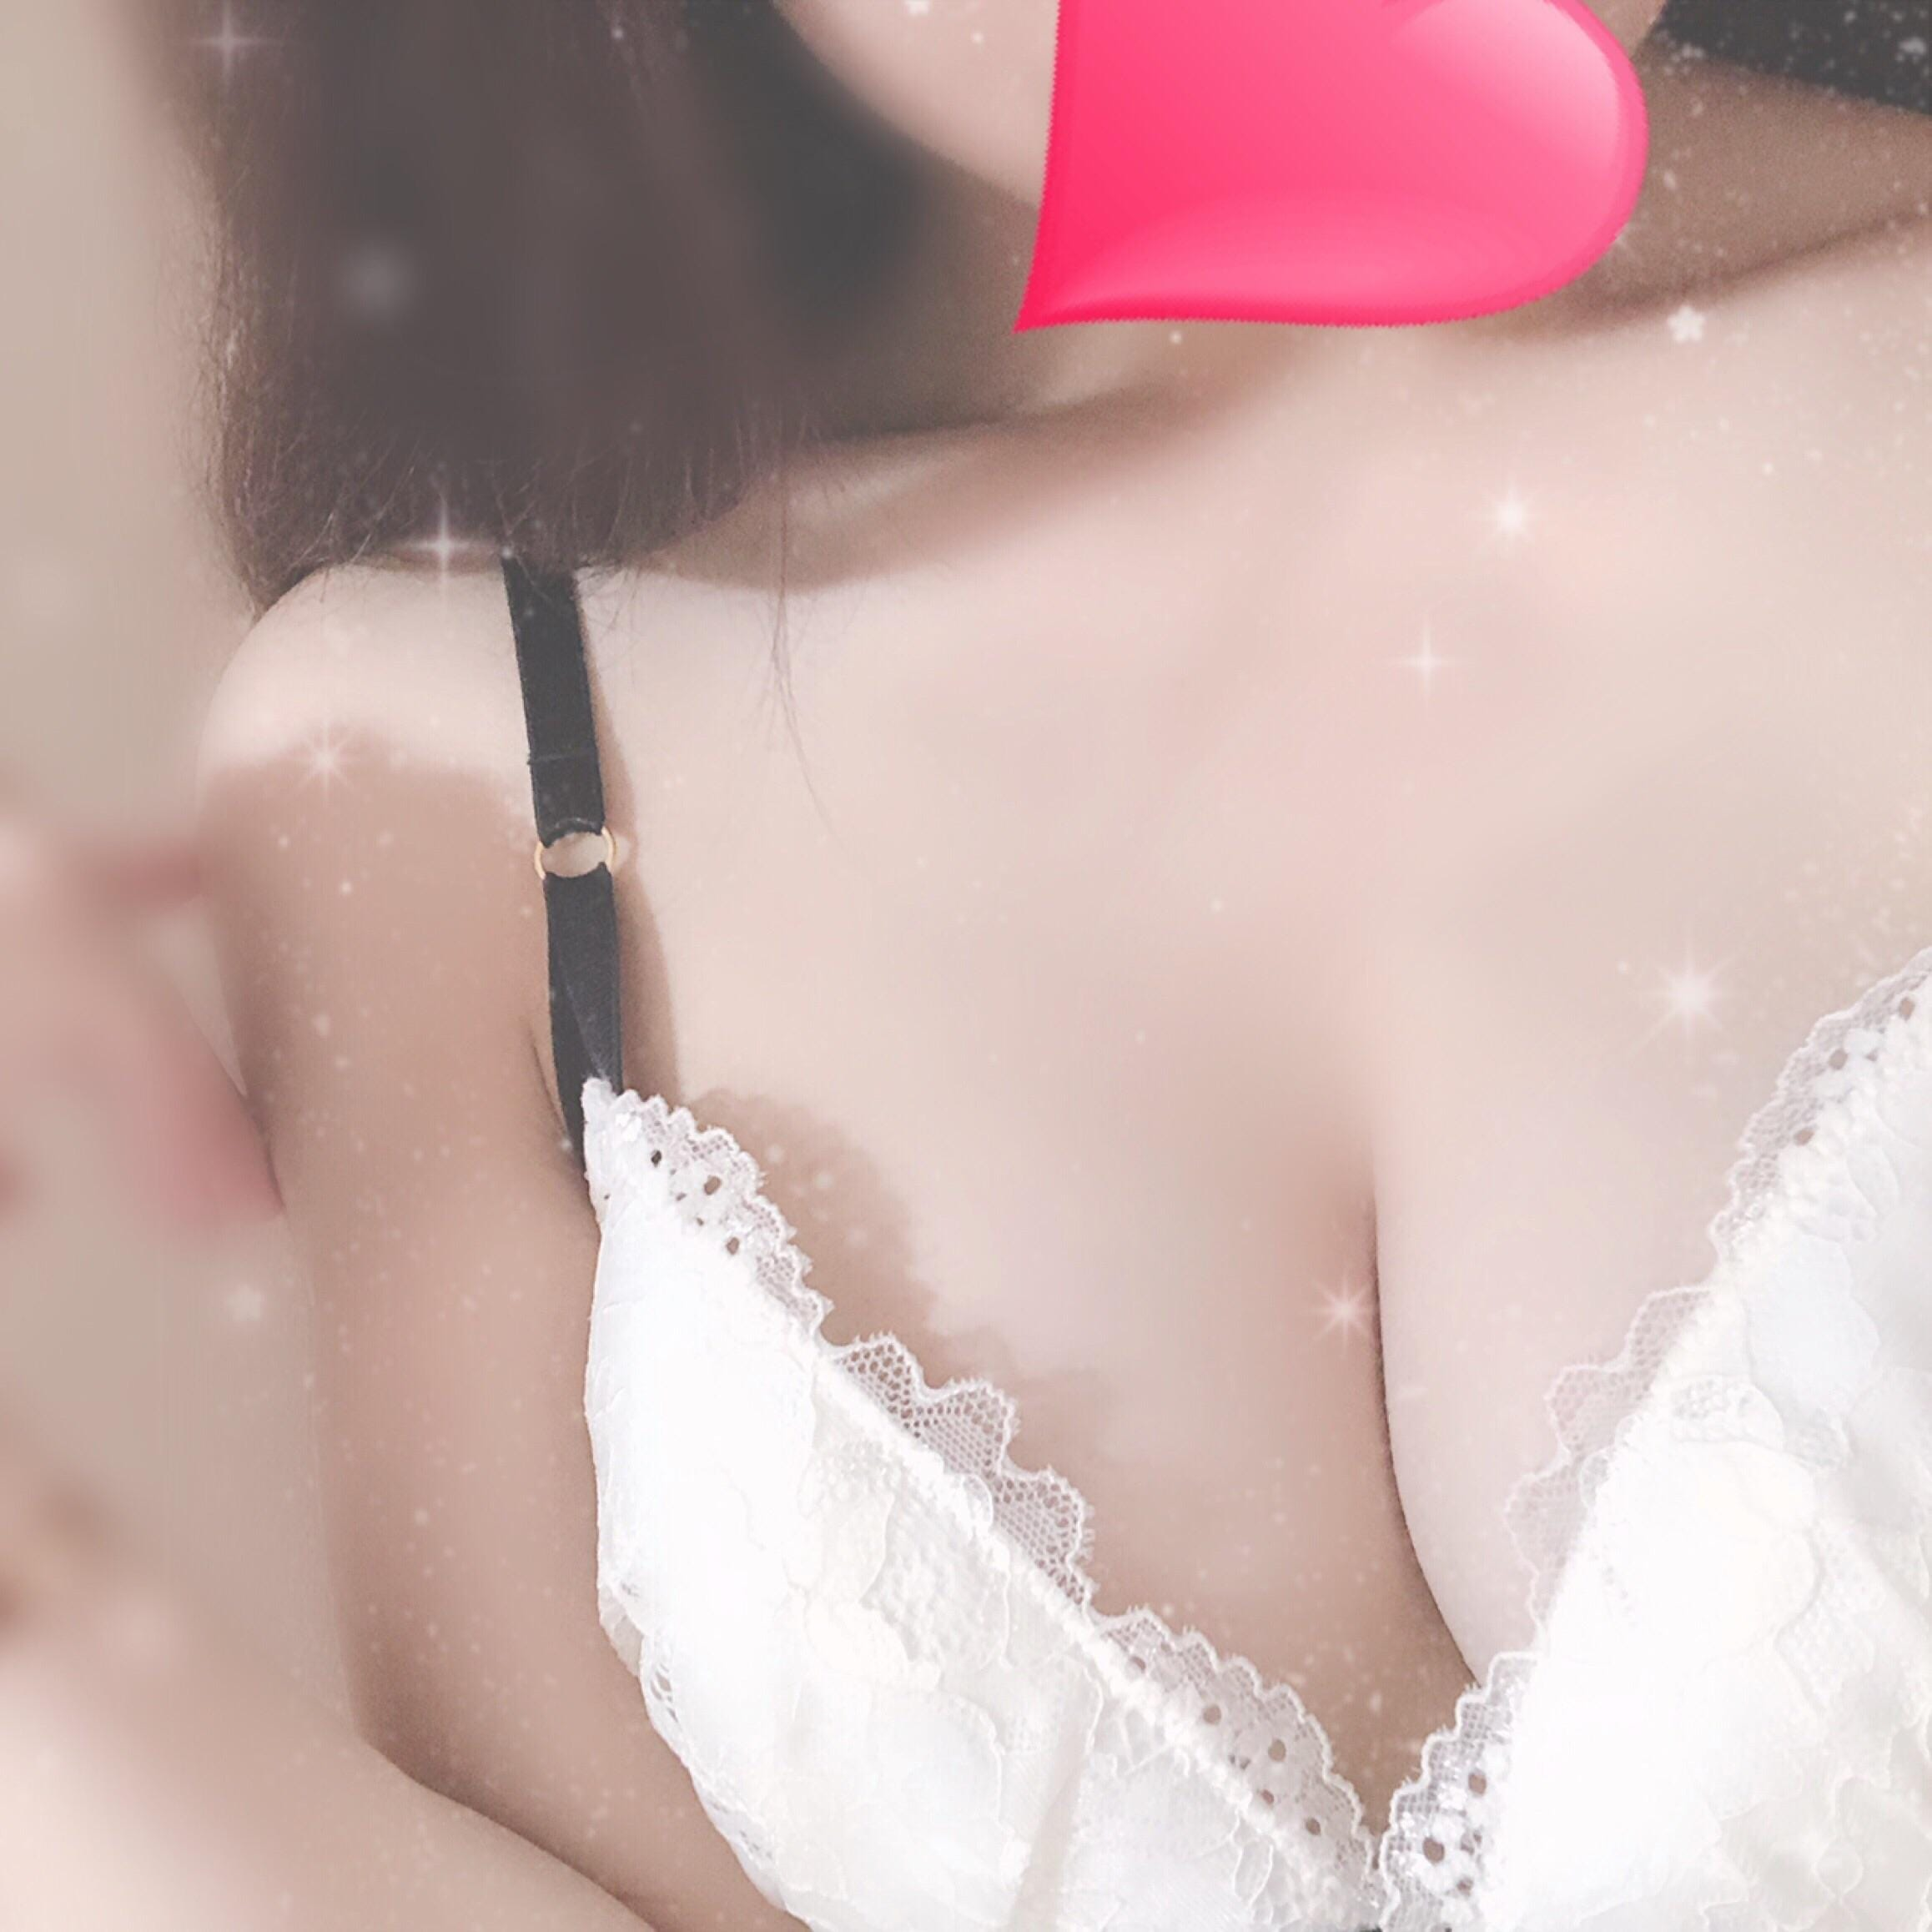 「出勤♪」11/13(火) 19:05 | ゆうりの写メ・風俗動画